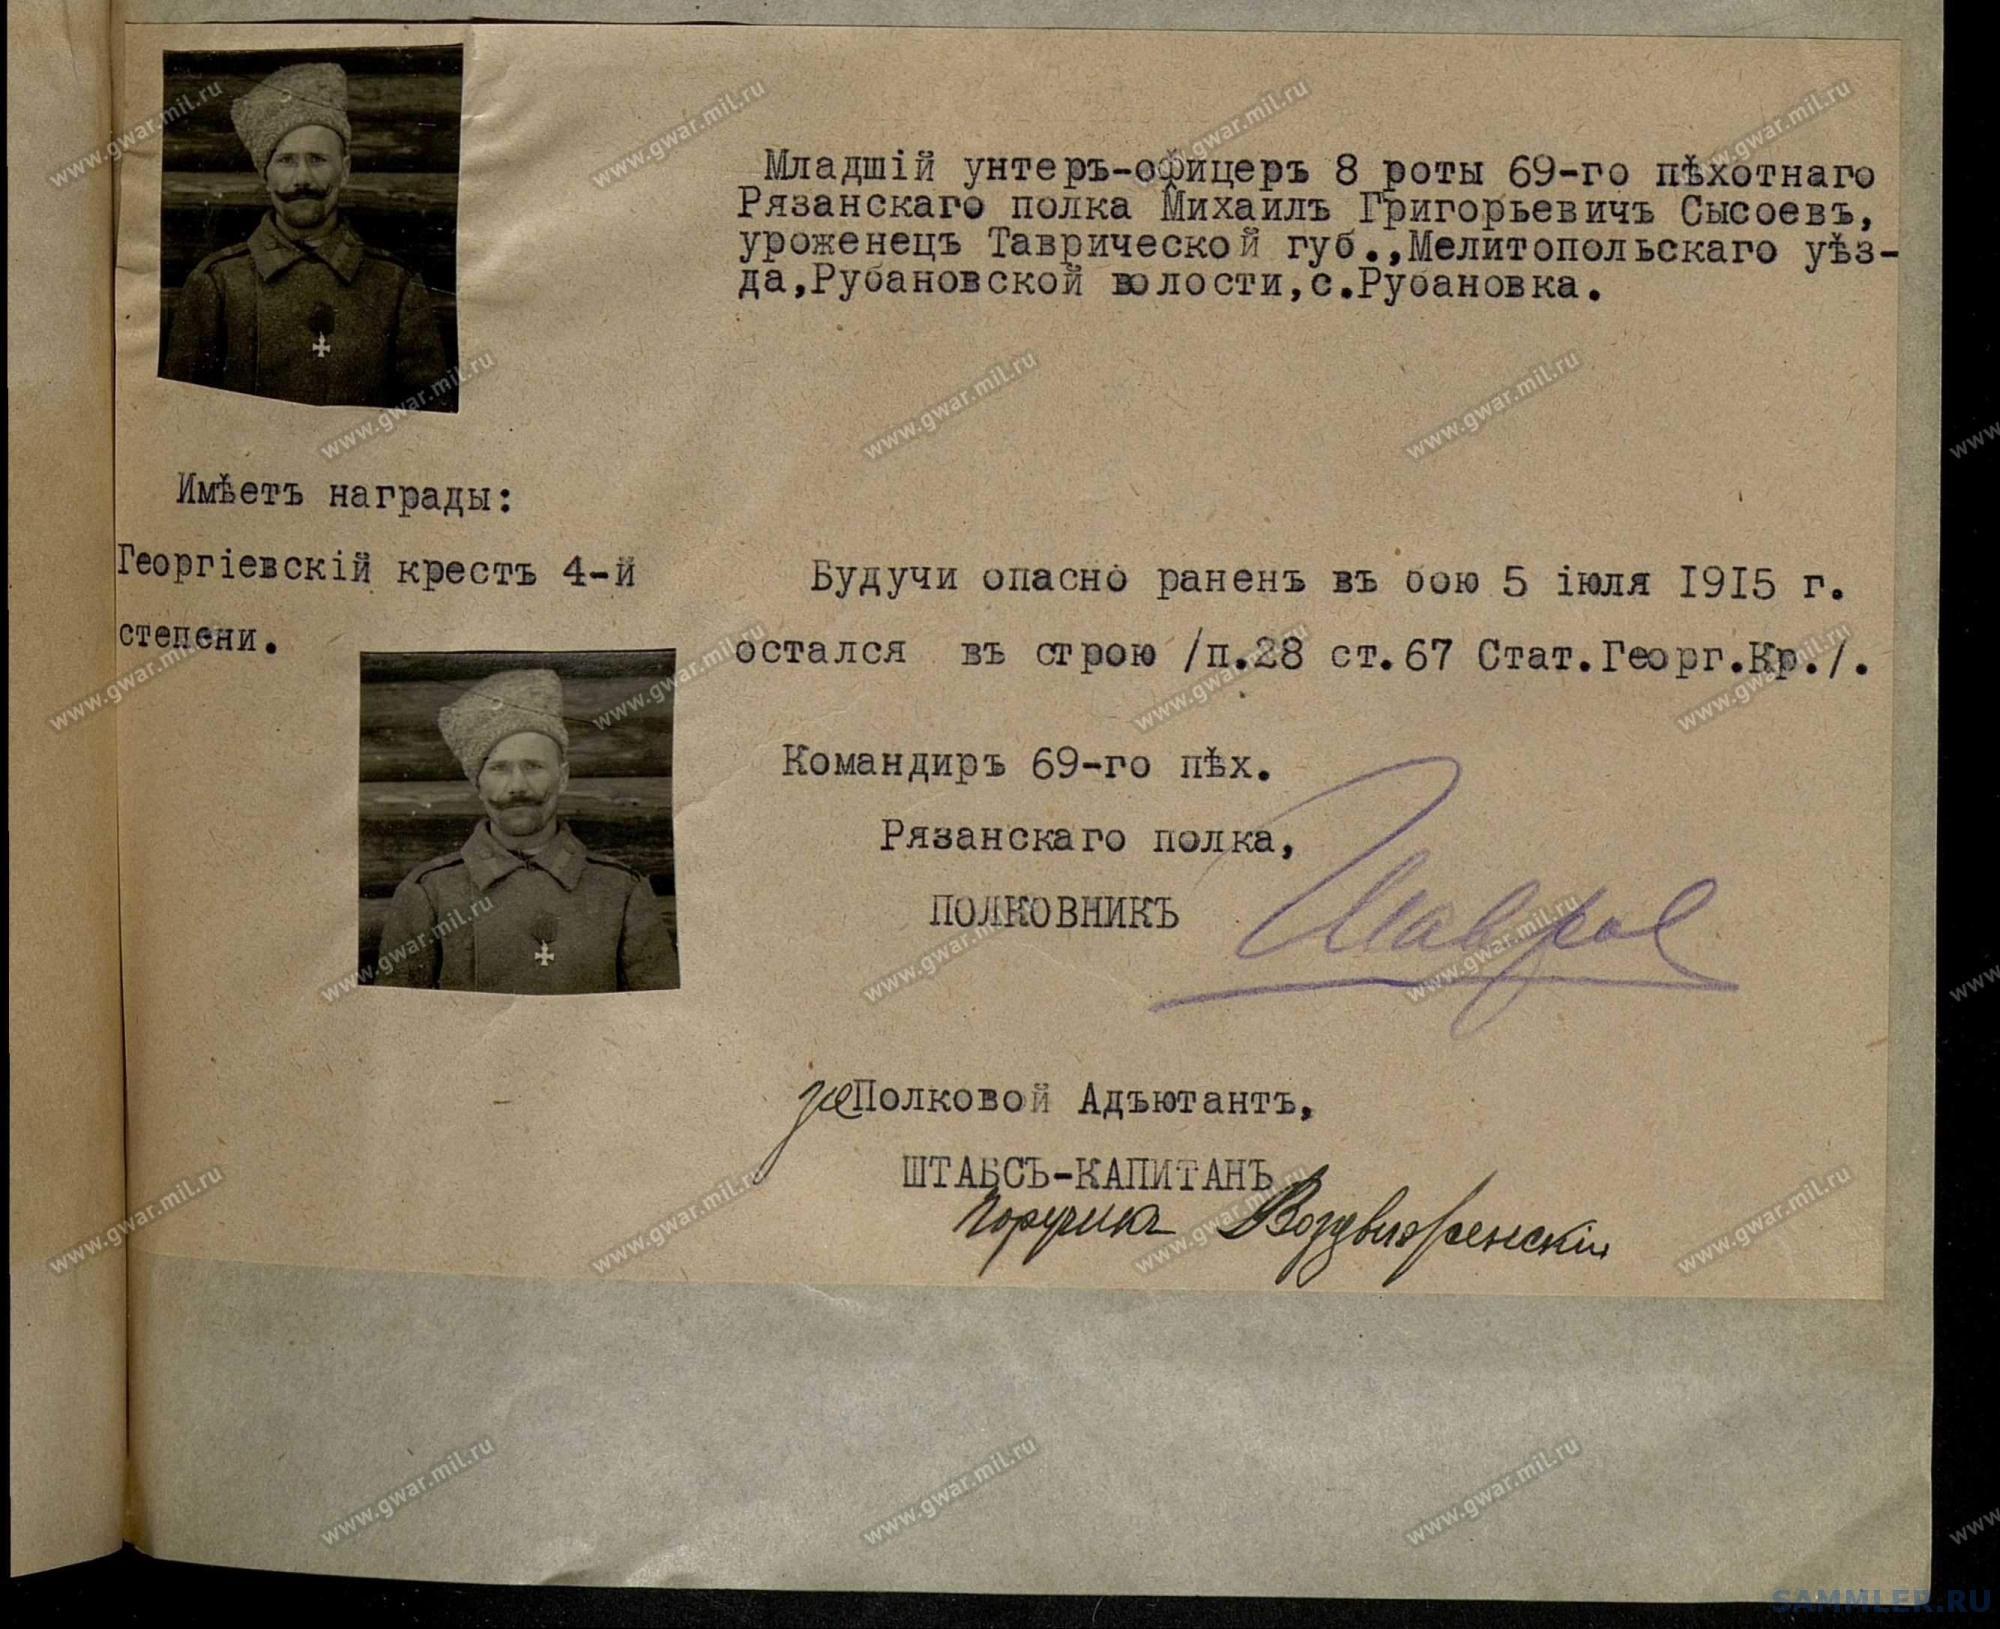 ! 69-й пех. Рязанский полк - 258_002.jpg